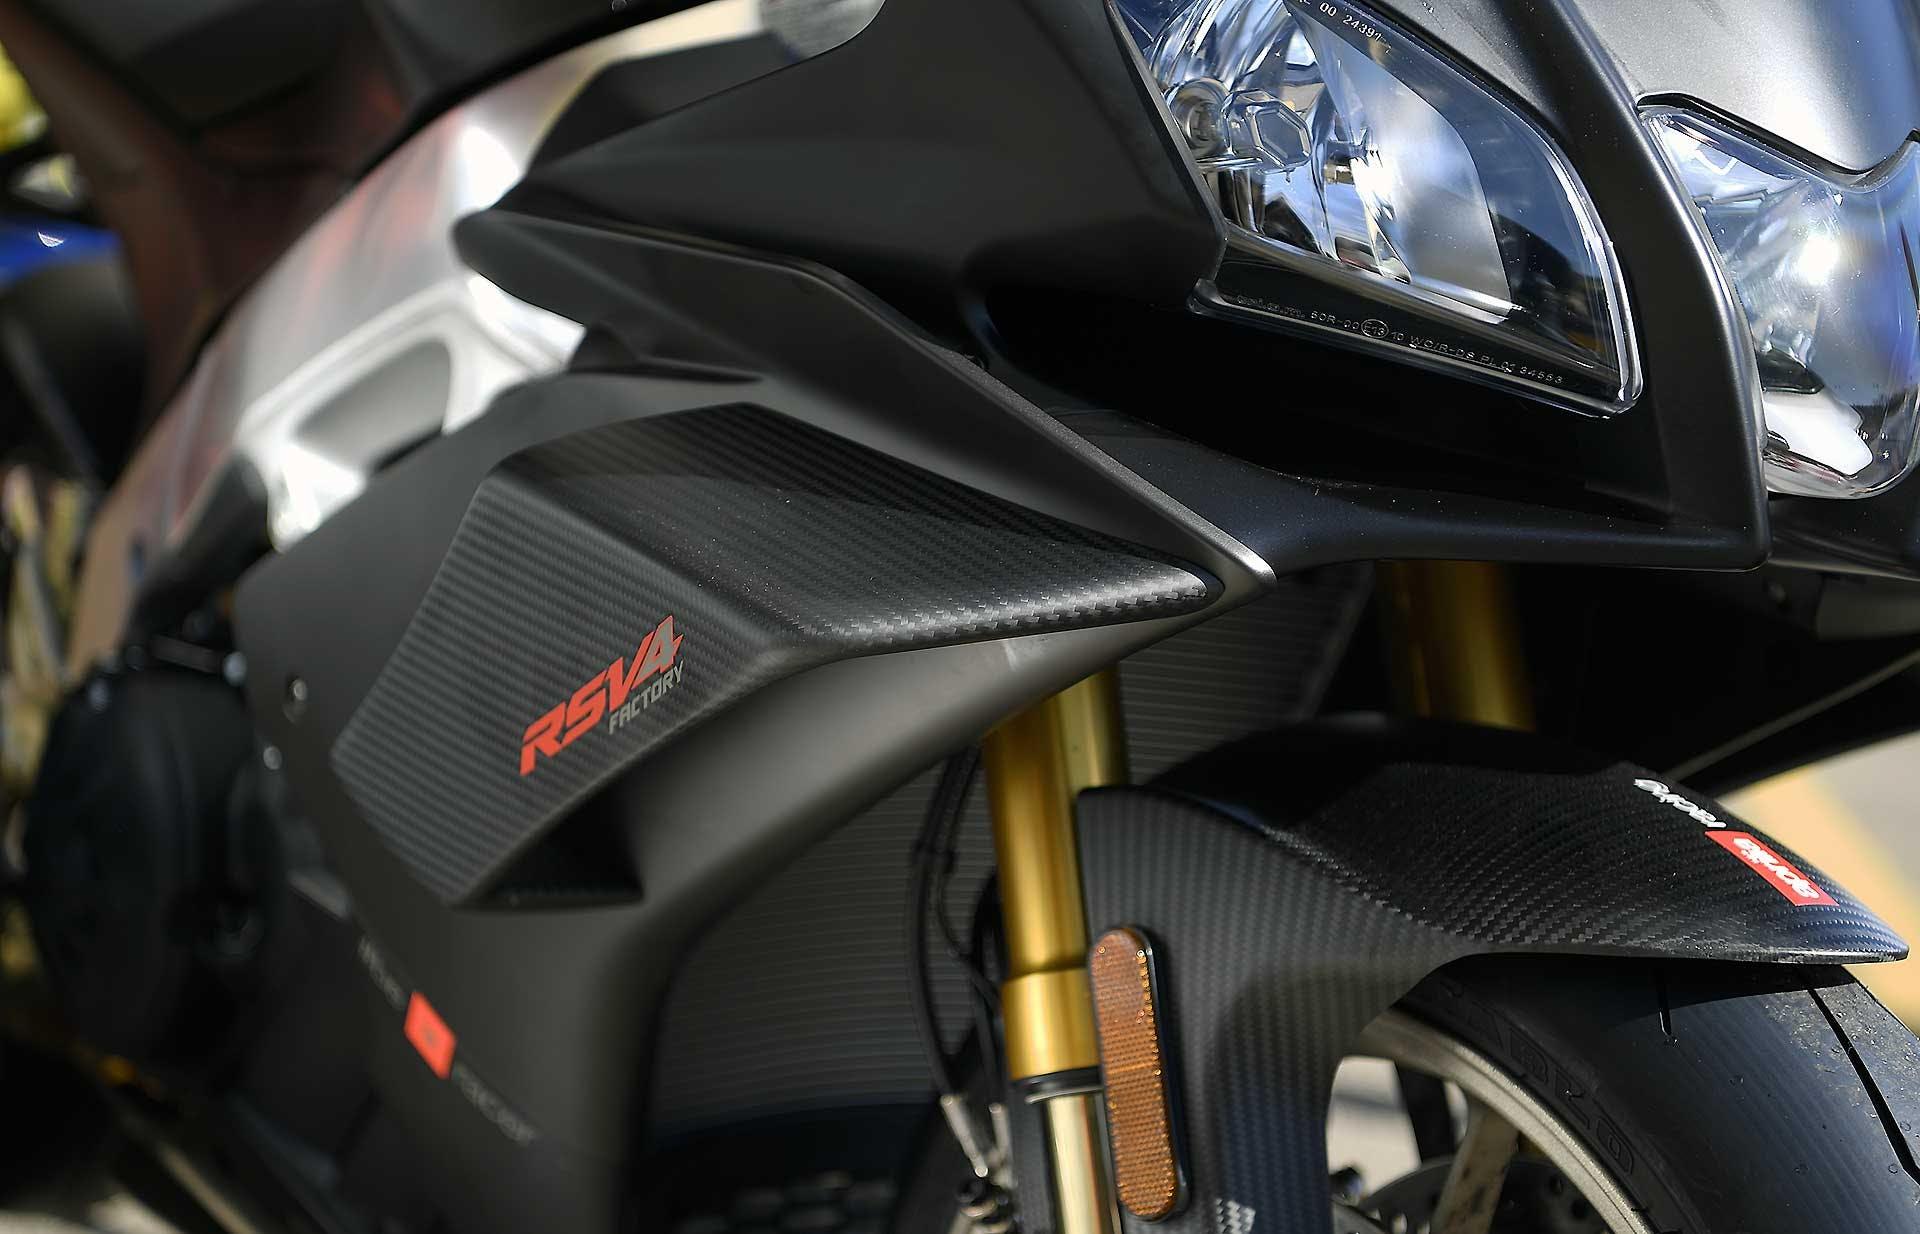 Aprilia RSV4 1100 Factory moto fari forcelle